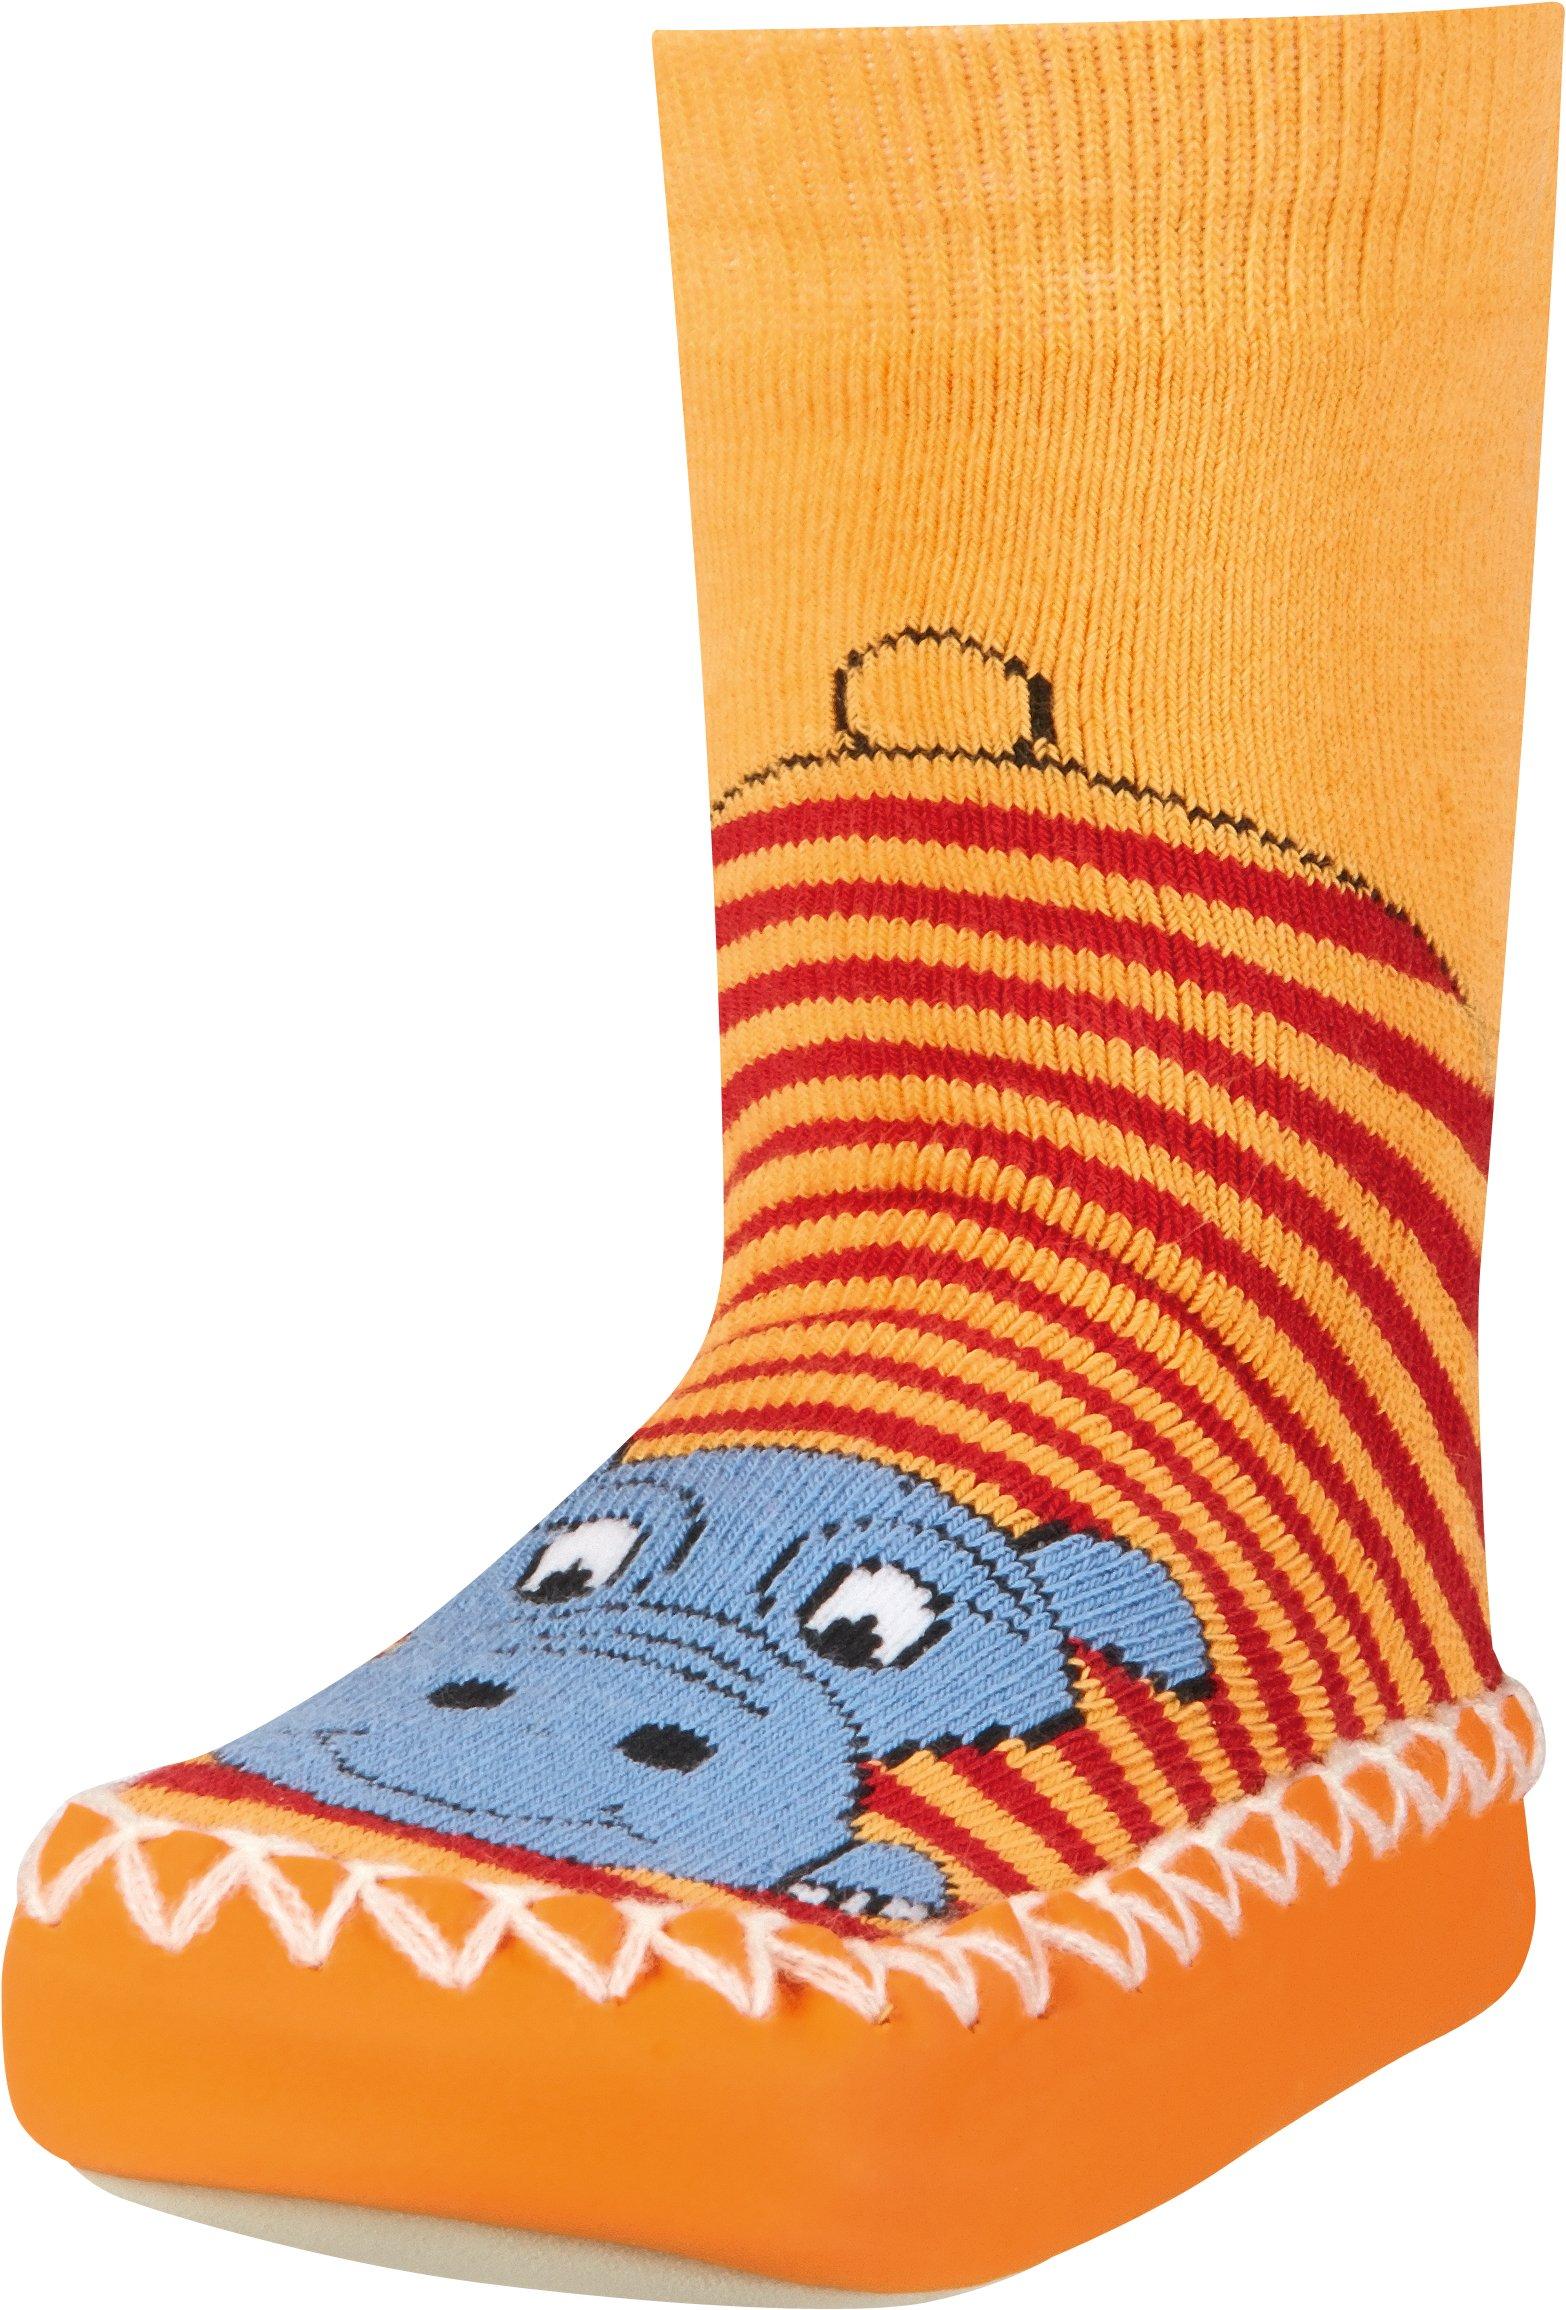 Playshoes Zapatillas con Suela Antideslizante Hippopotamus, Pantuflas Unisex Niños 1